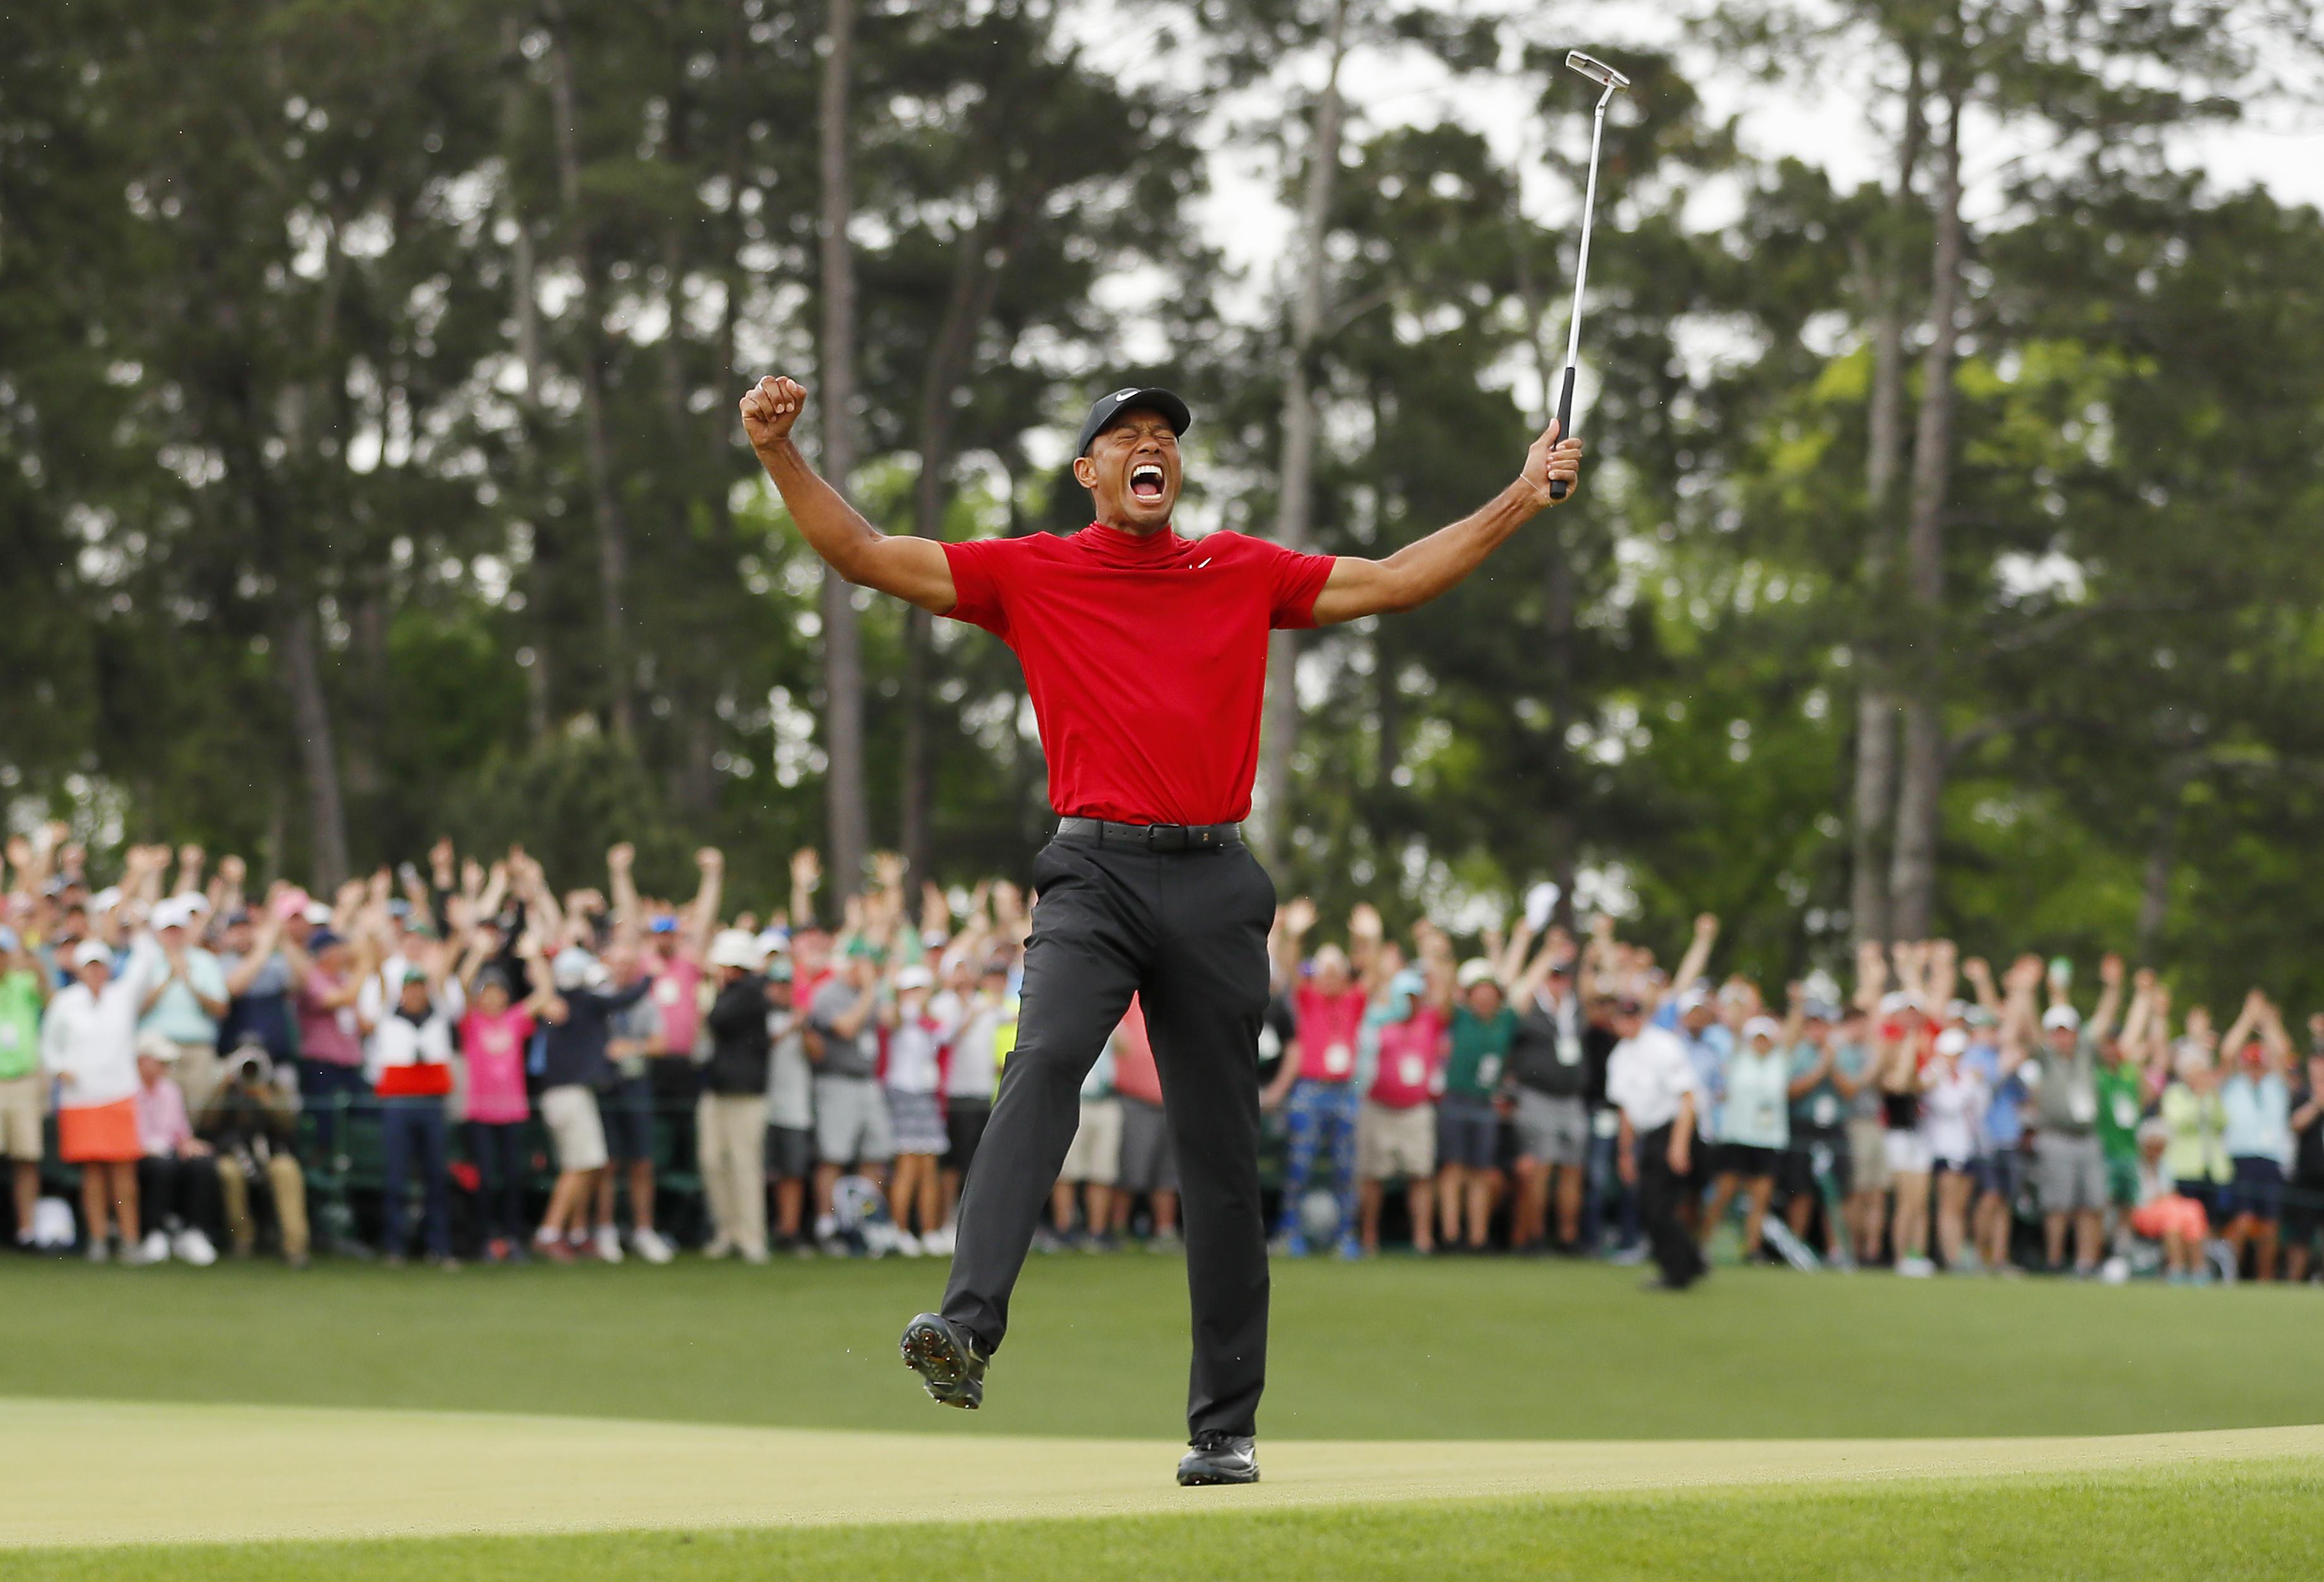 Minden idők fogadási győzelmét aratta a wisconsini bróker, aki az összes pénzét feltette Tiger Woodsra, és nyert